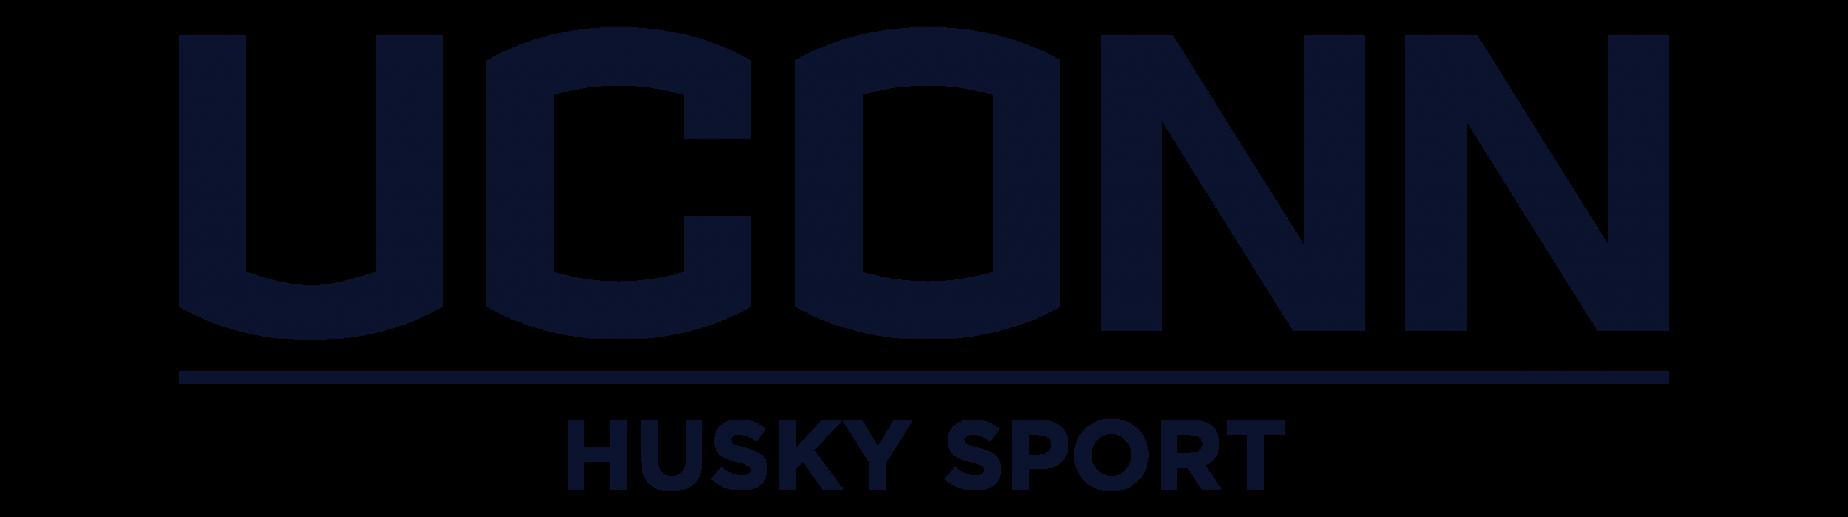 UConn Husky Sport Logo